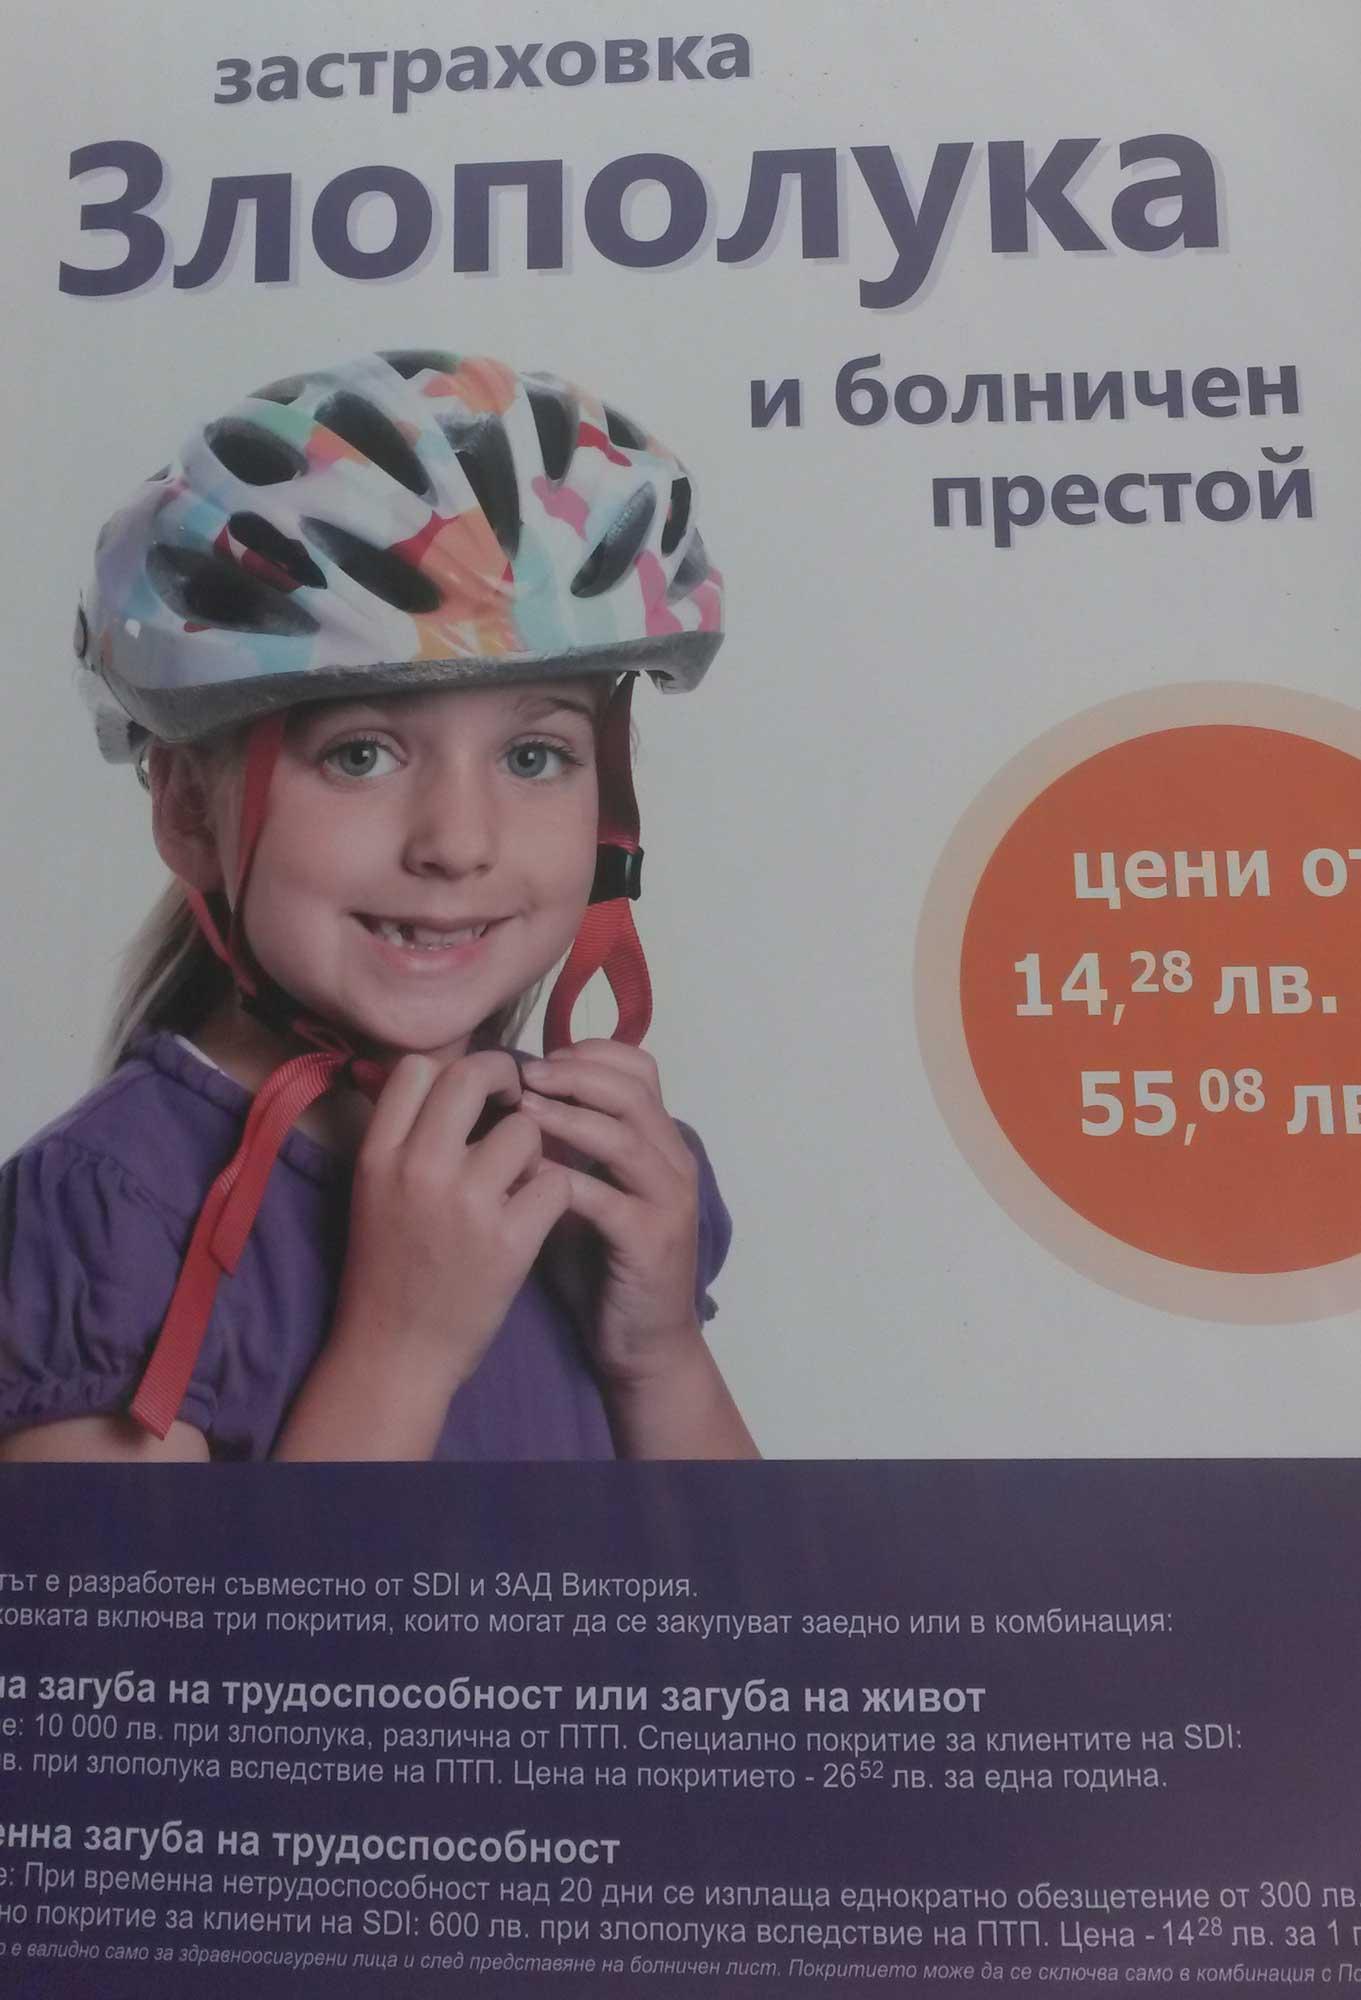 реклама на местном языке это смешно